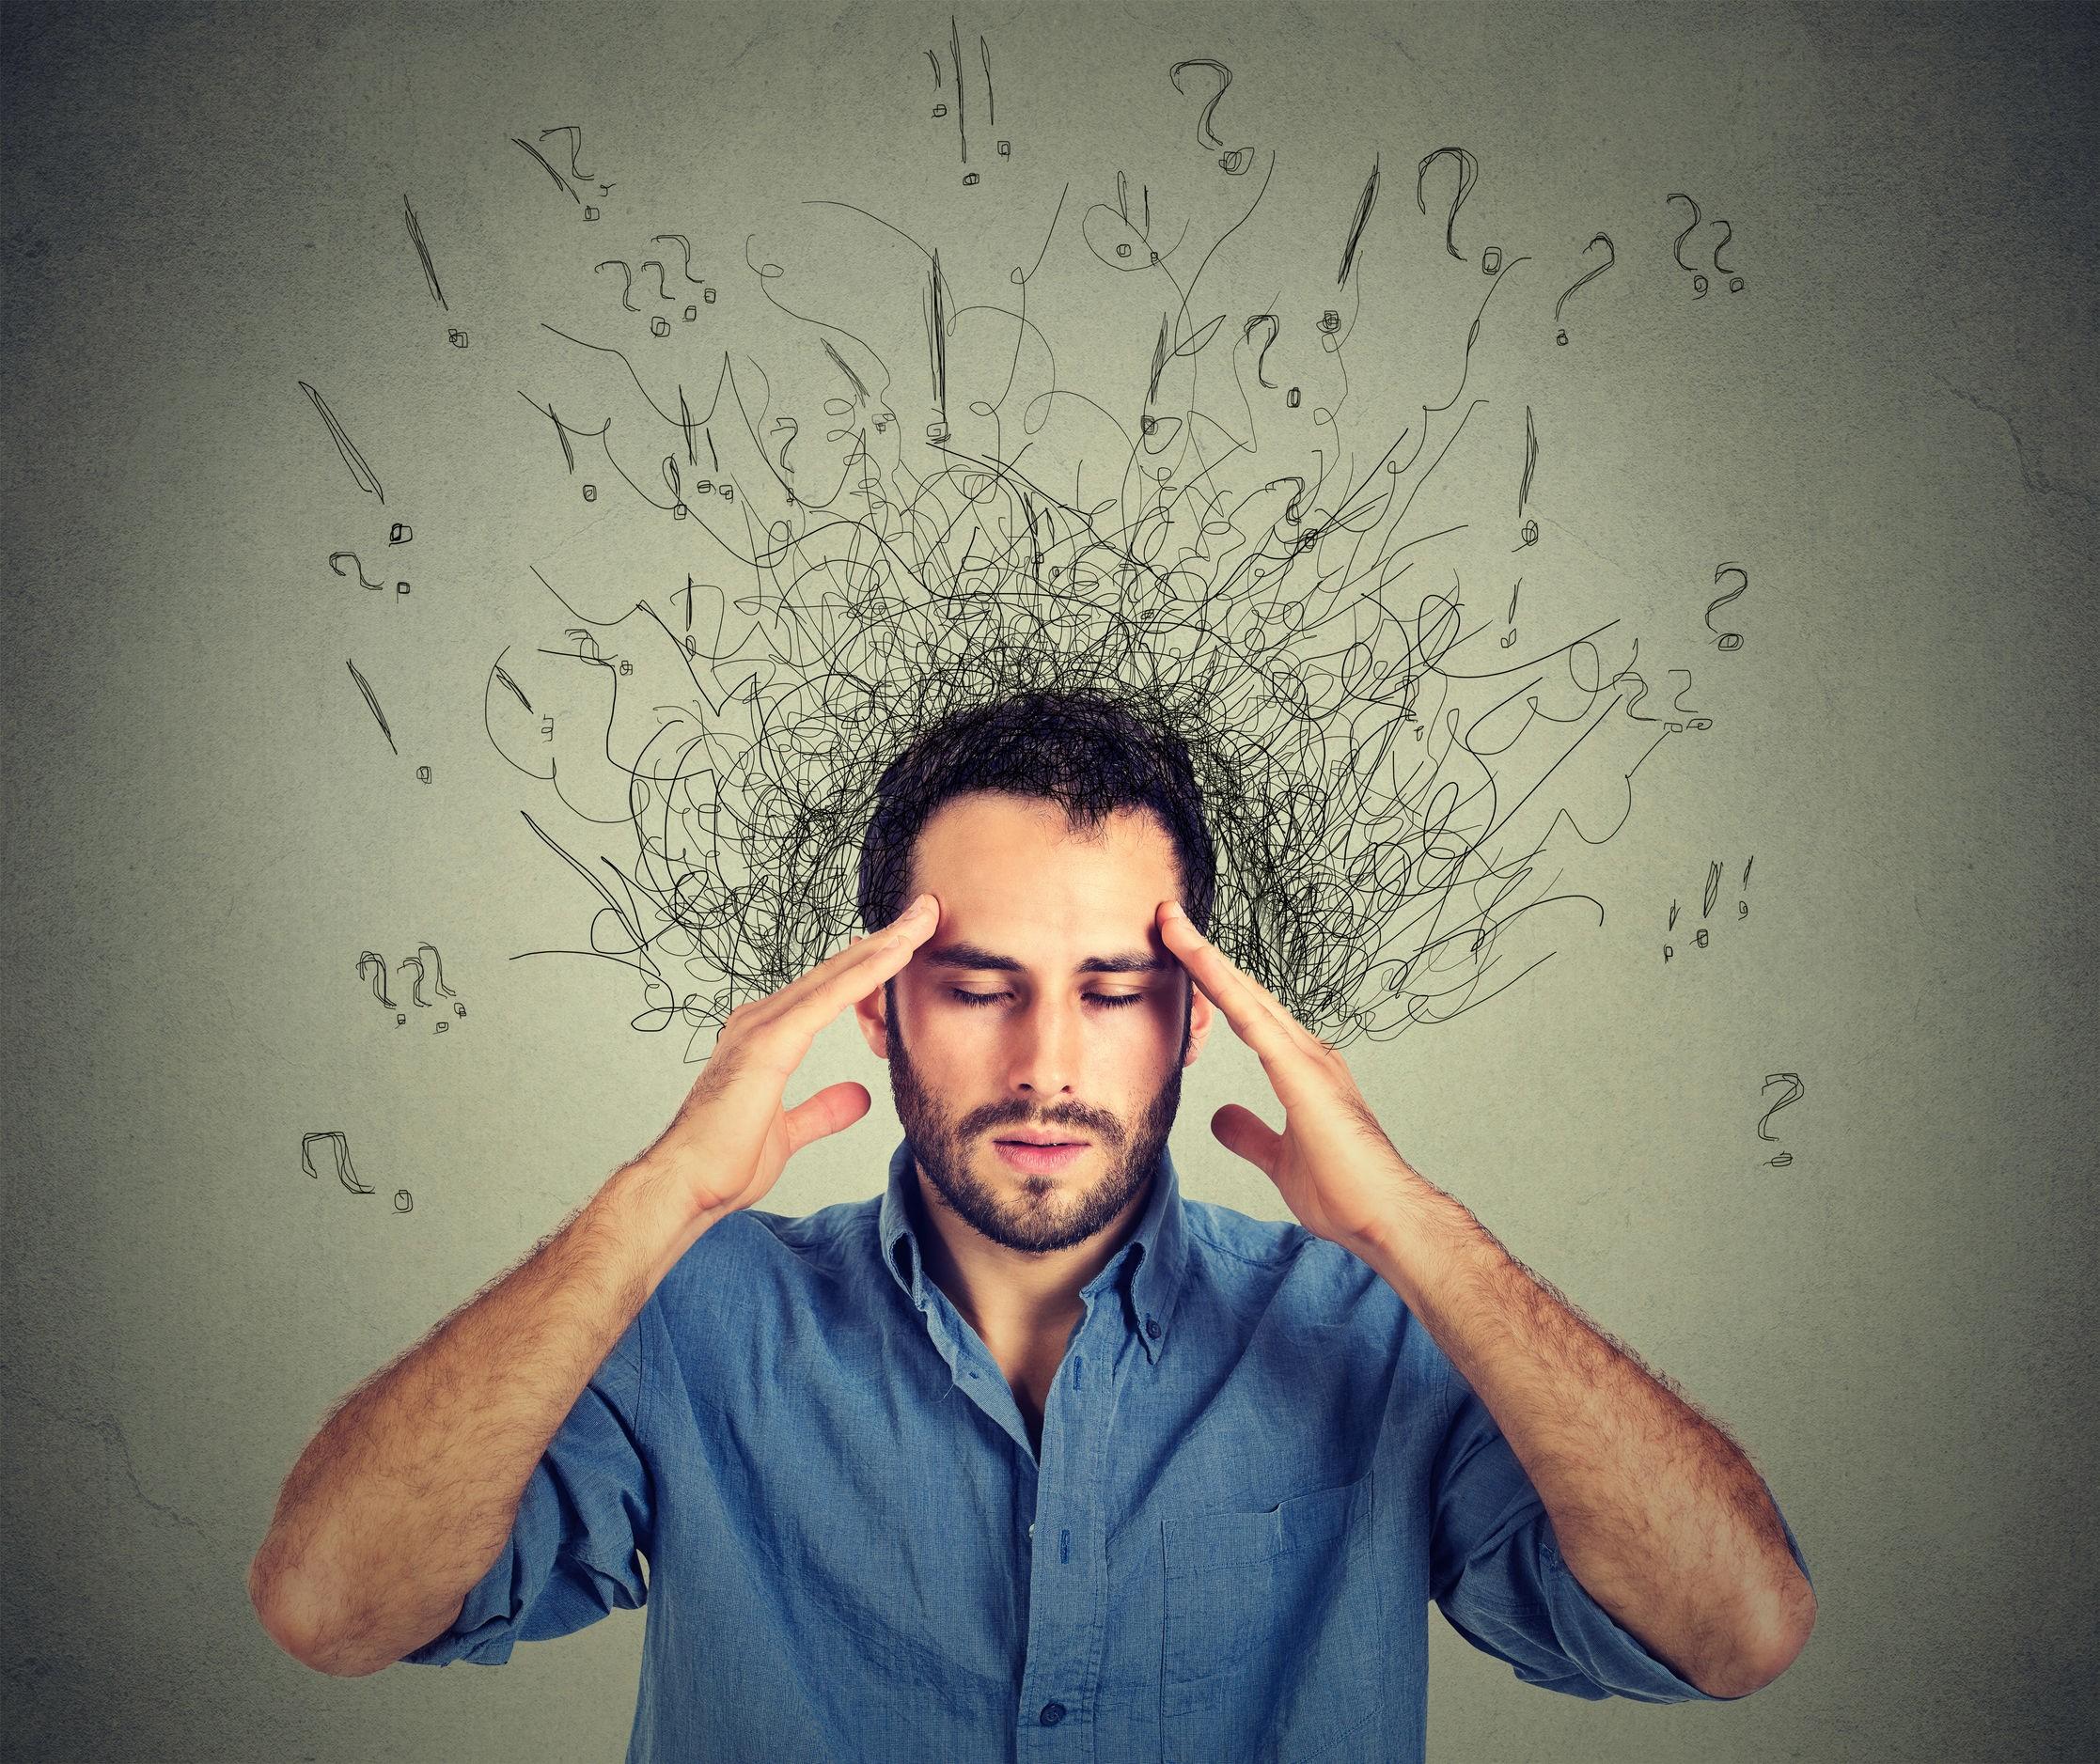 افکار تهاجمی؛ روش از بین بردن افکار تهاجمی وسواسی